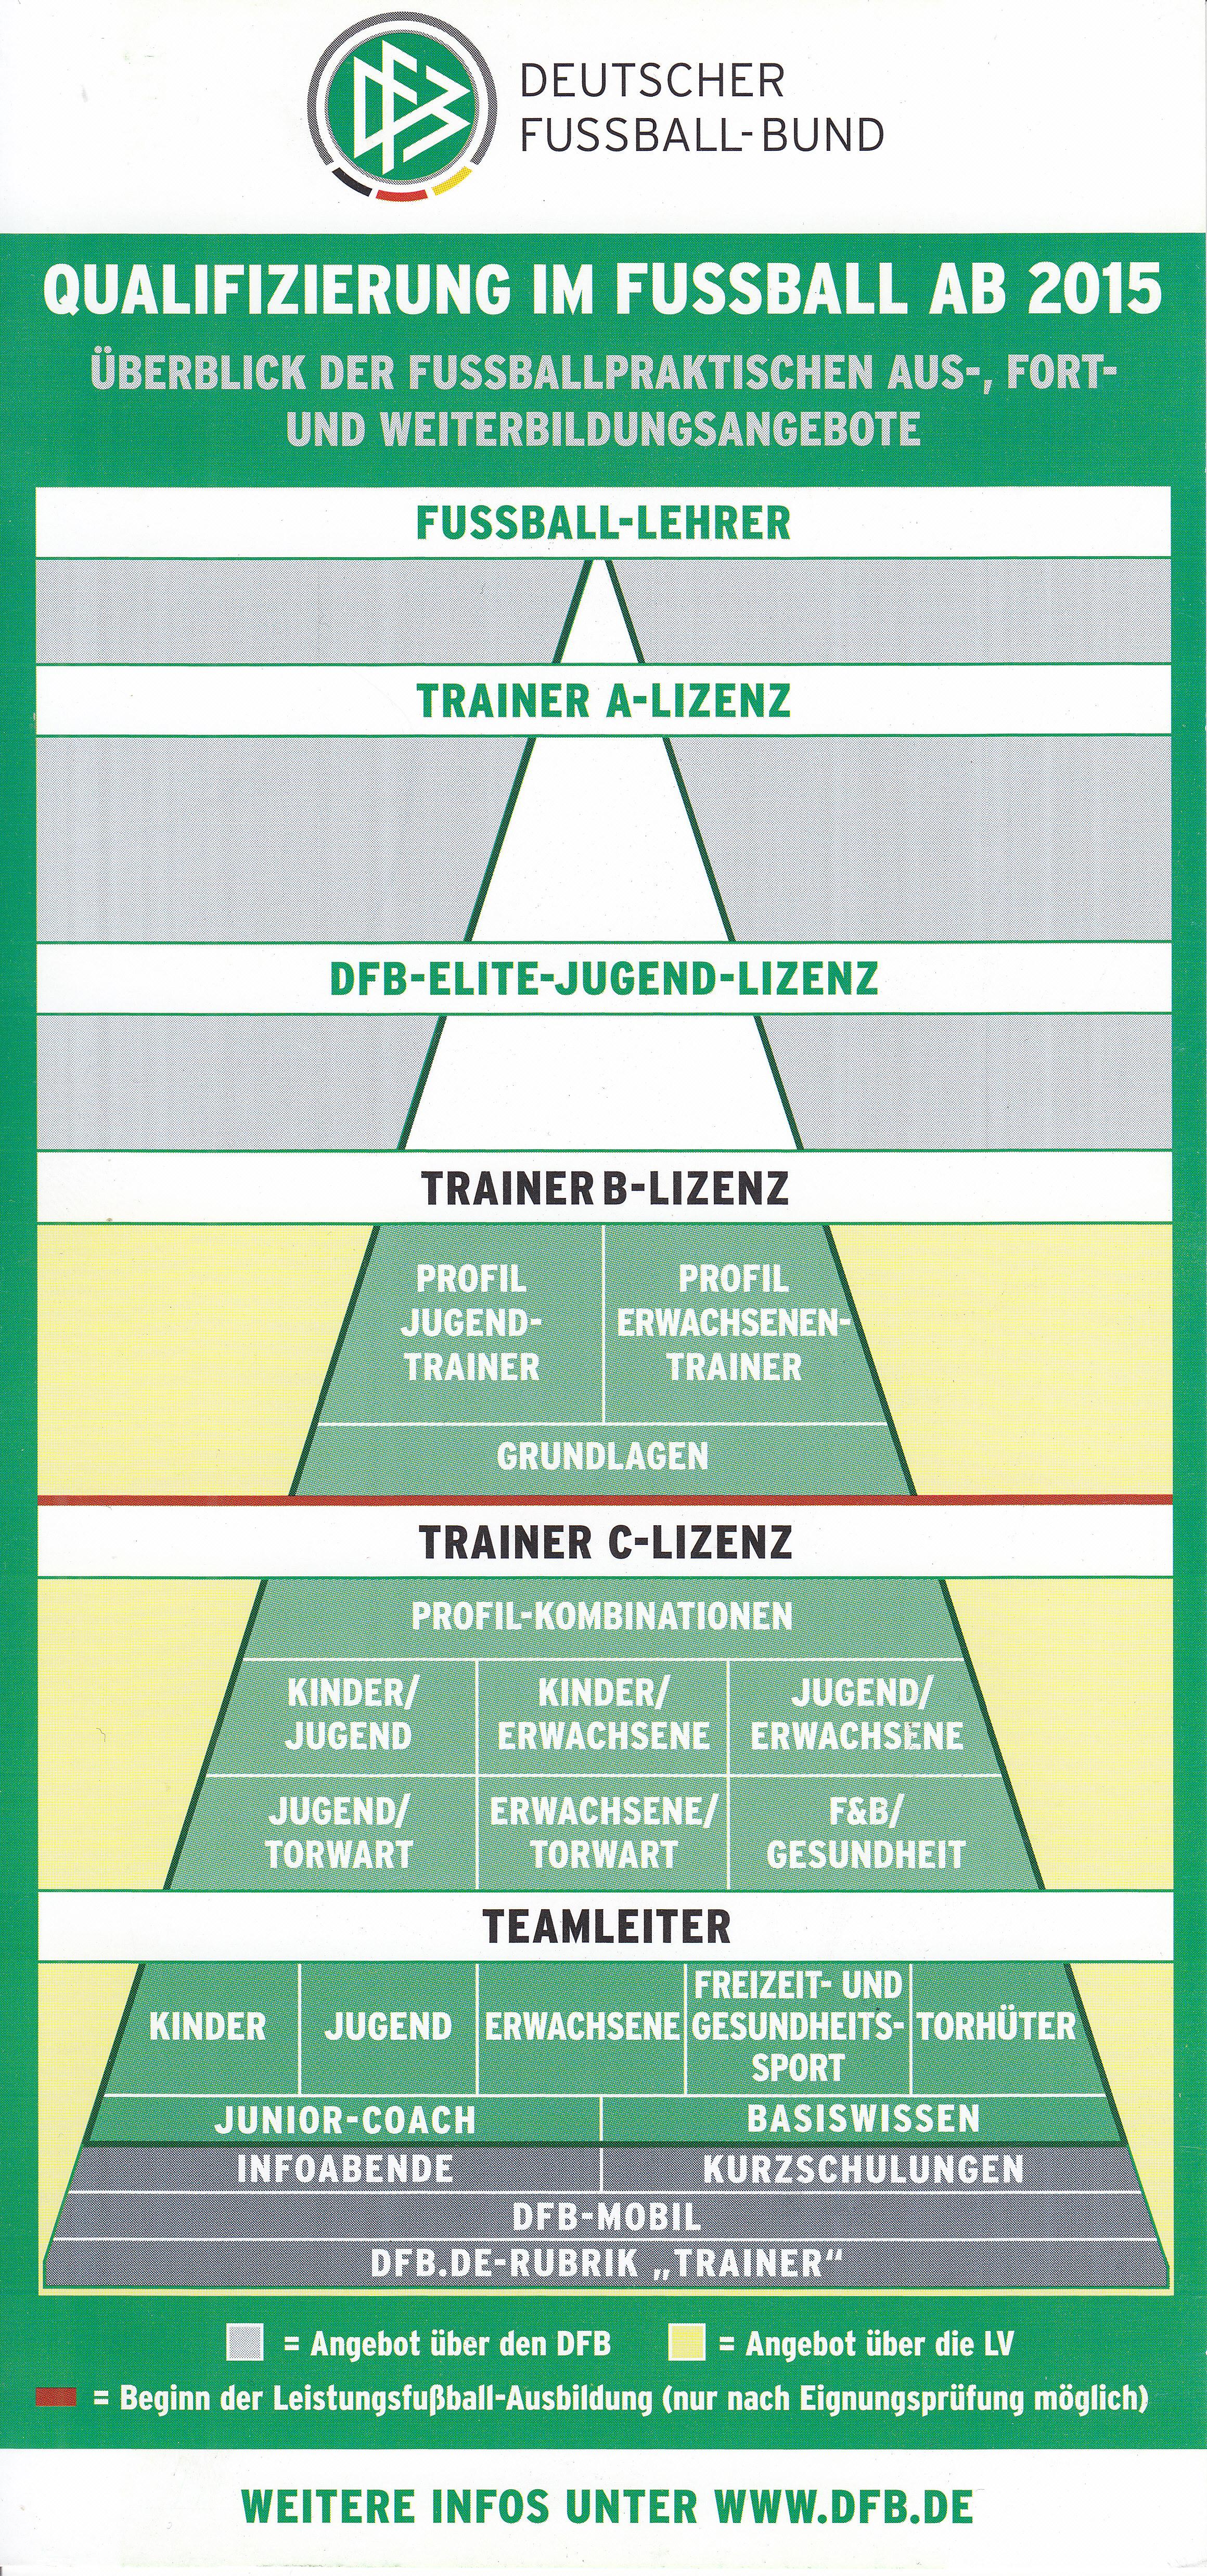 Die Unterschiedlichen Moglichkeiten Der Trainerausbildung Im